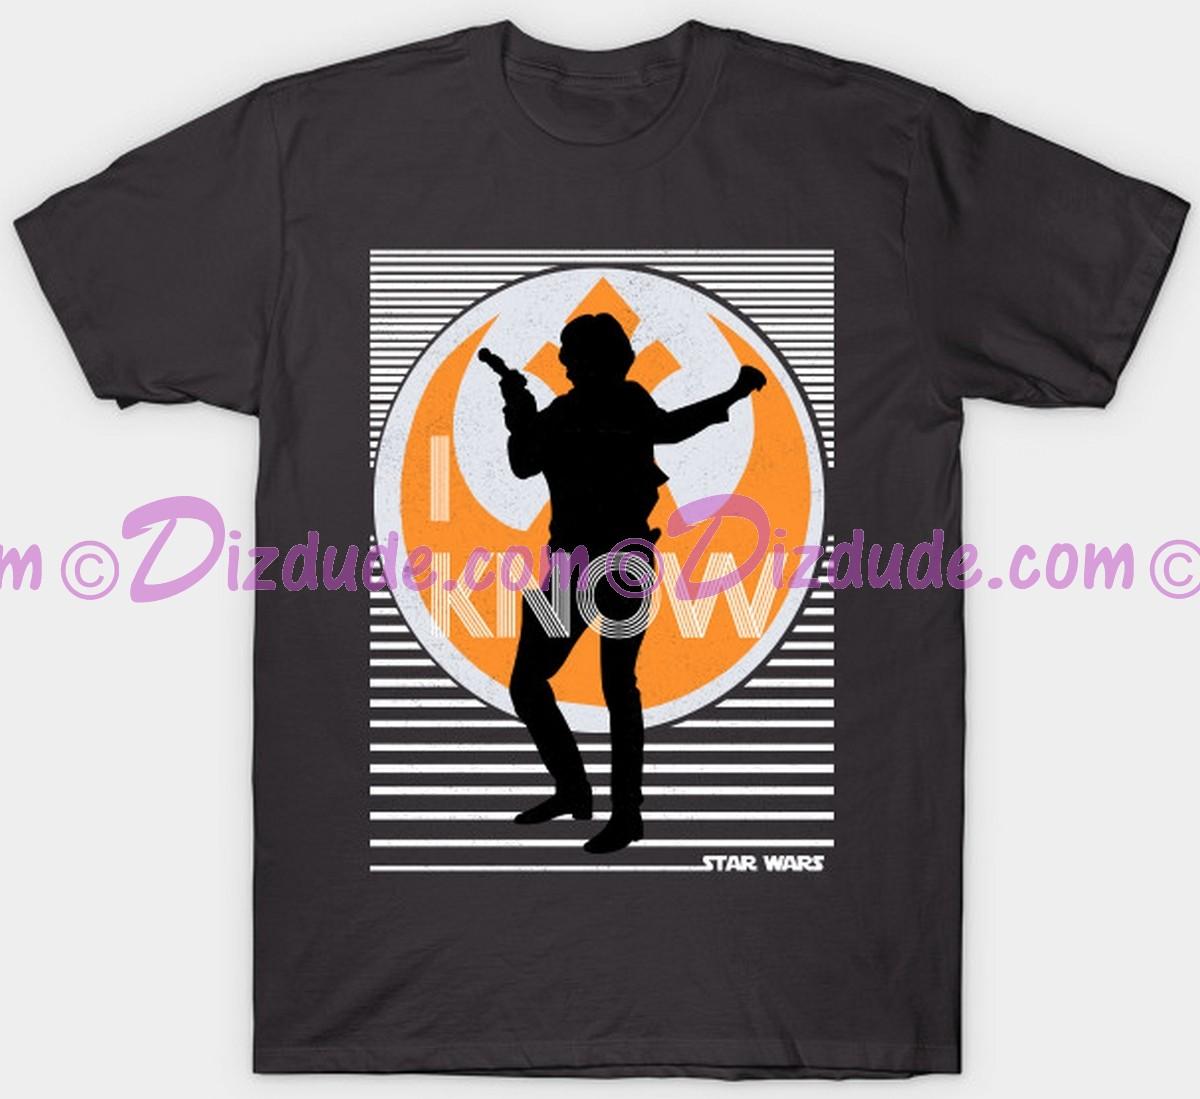 Vintage Star Wars Han Solo I Know Adult Companion T-Shirt (Tshirt, T shirt or Tee) © Dizdude.com